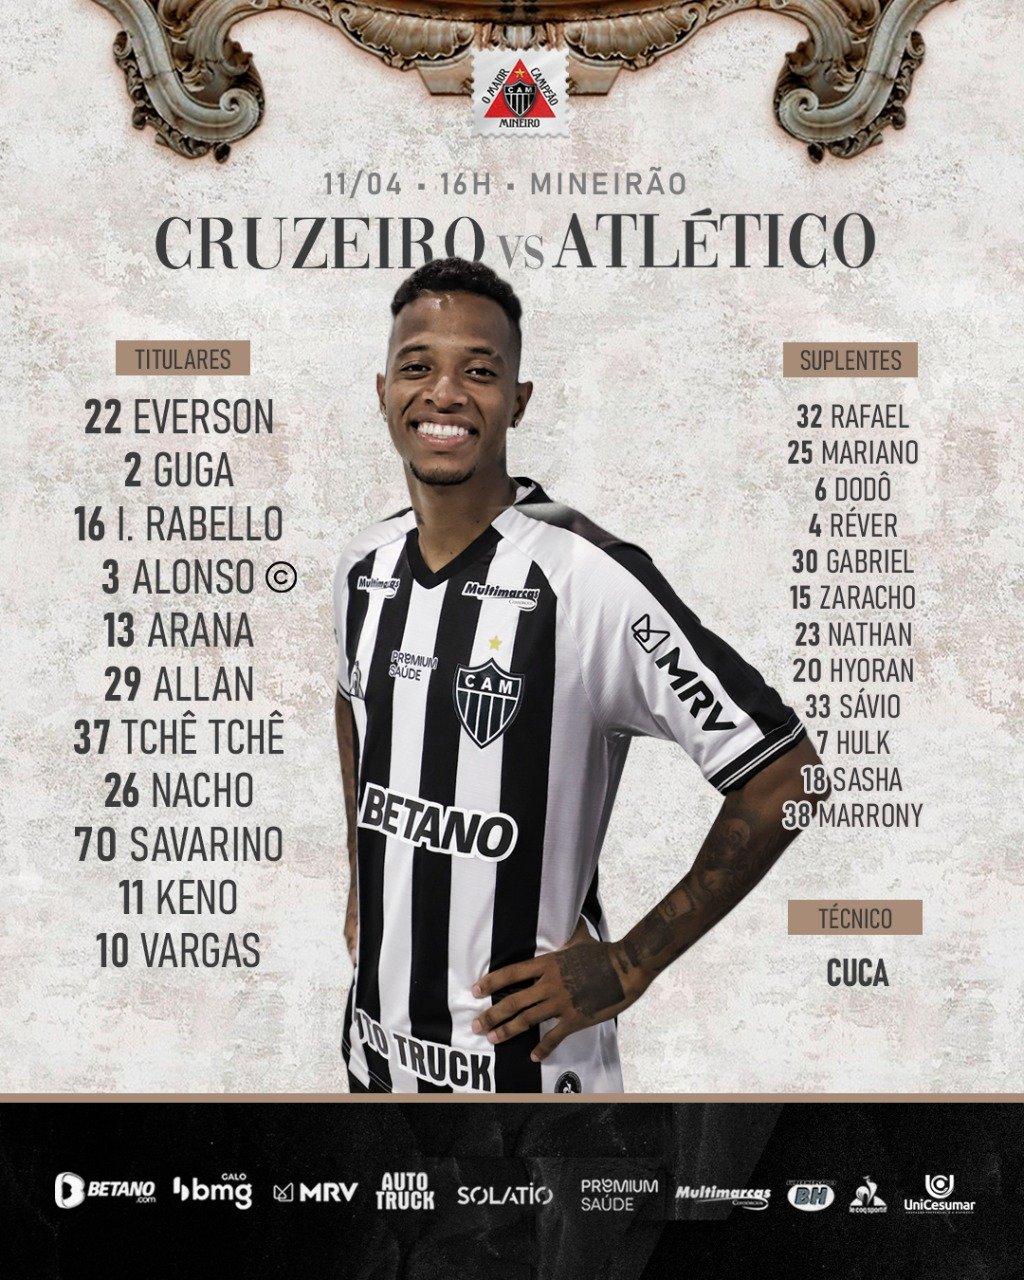 Espora 13 - Atlético - Galo - Atlético MG - Escalação do Atlético - Cruzeiro x Atlético - #CRUxCAM